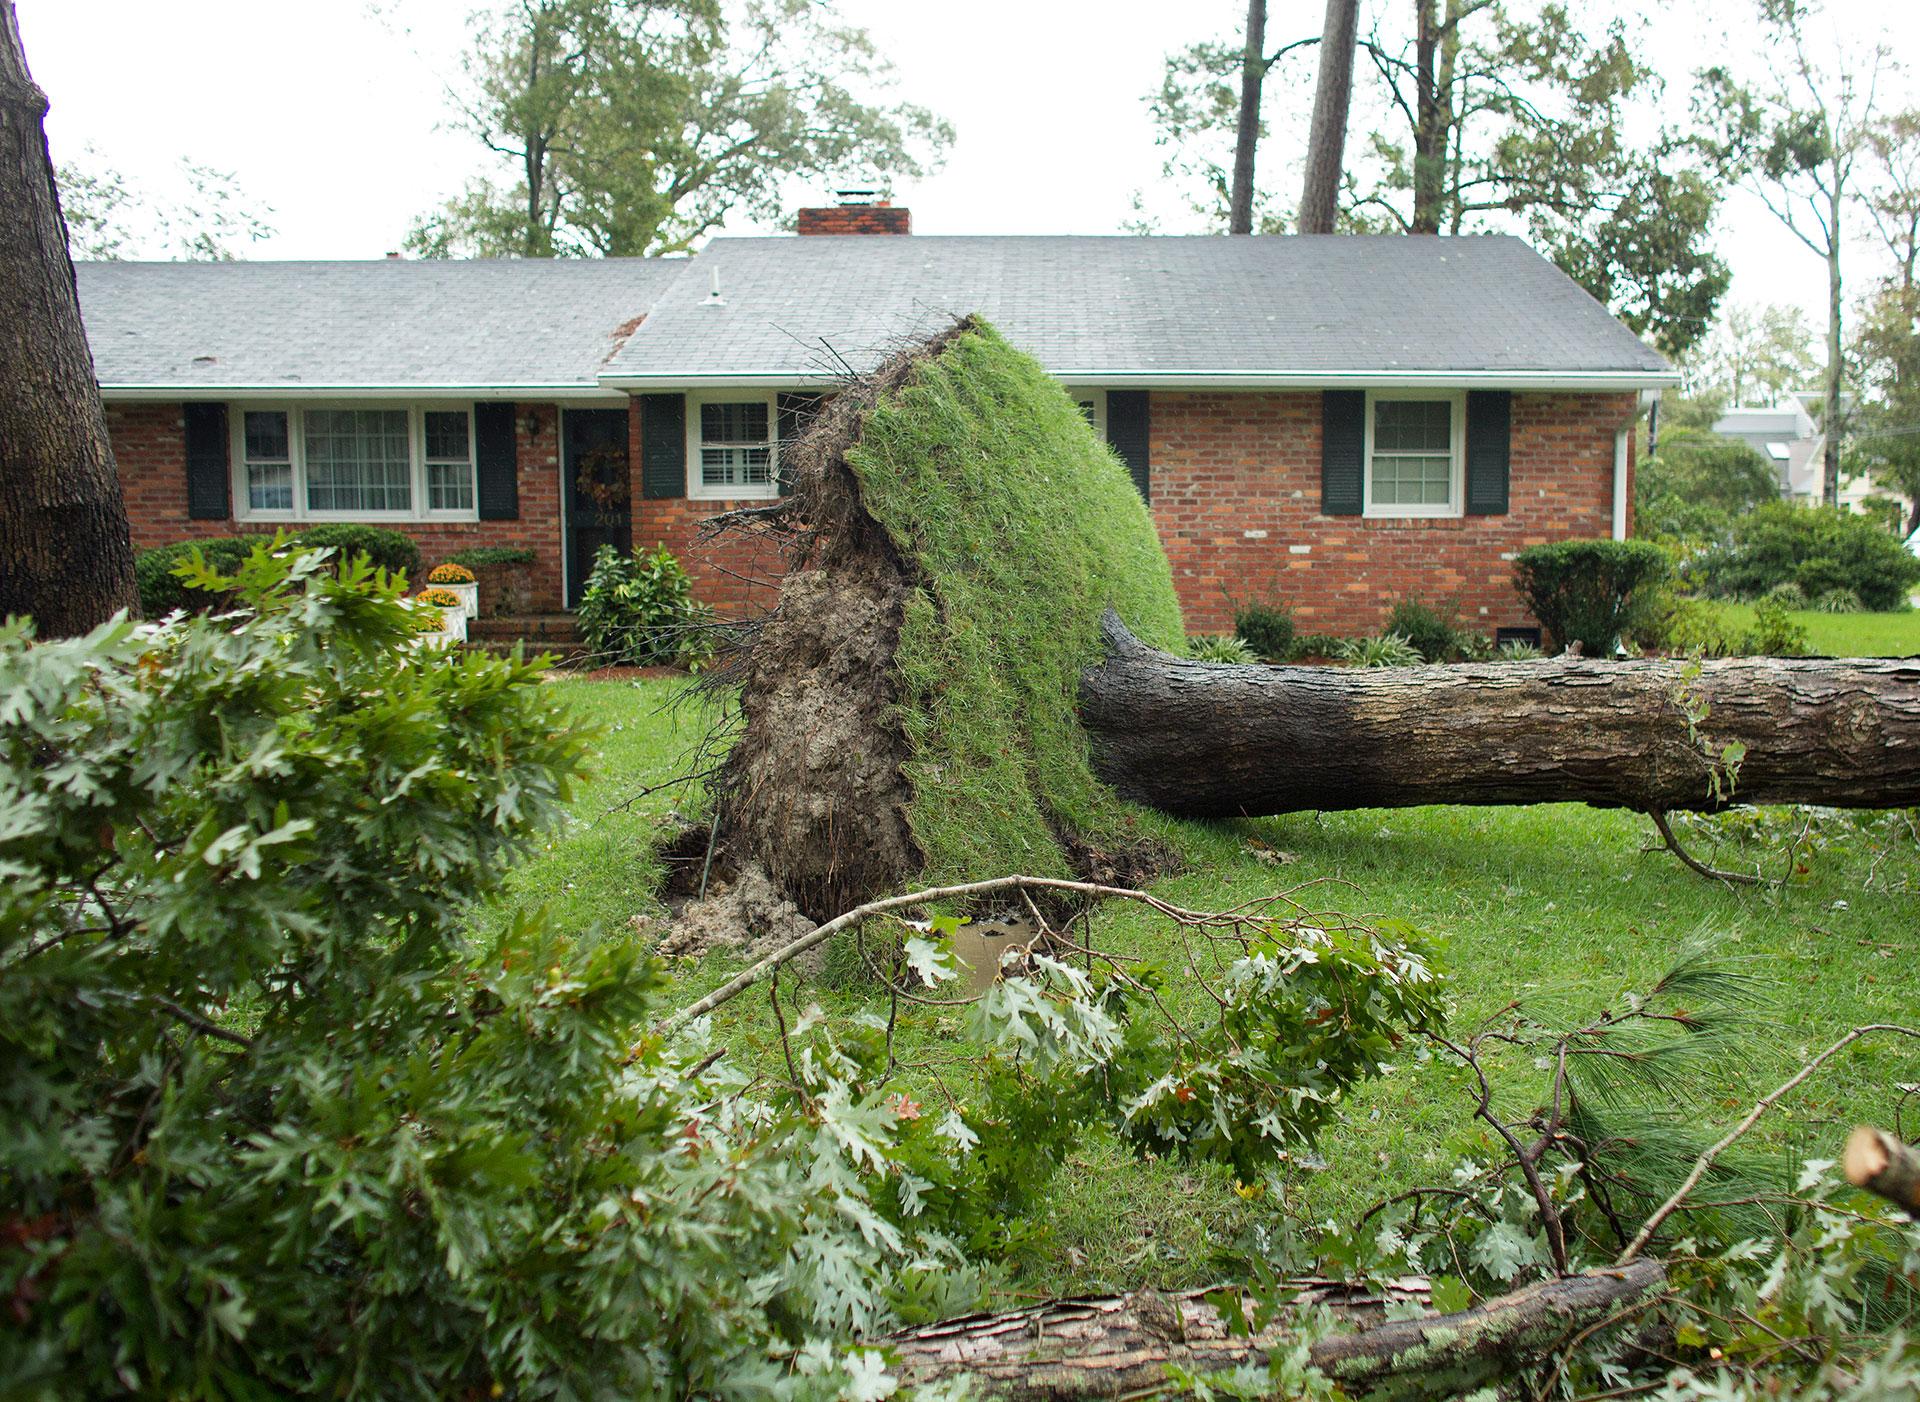 El huracán arrancó grandes árboles de raiz causando destrozos